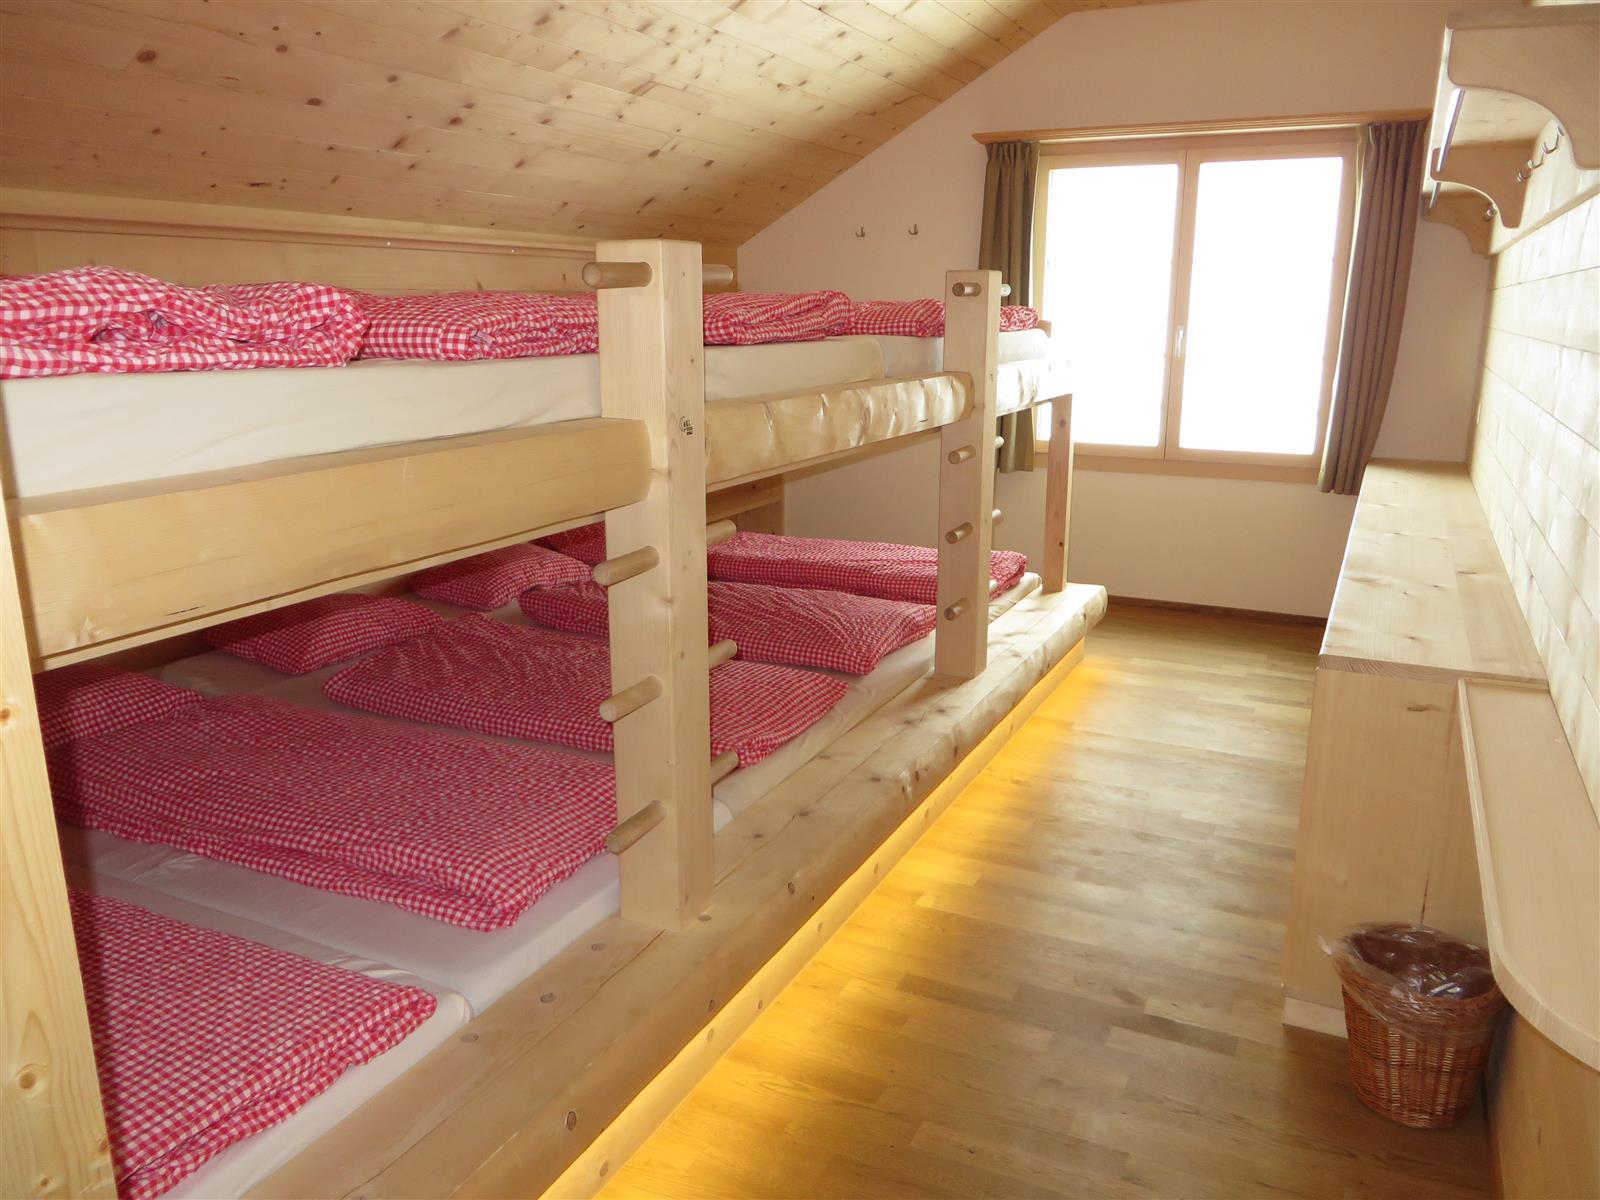 10-Bettgruppenzimmer